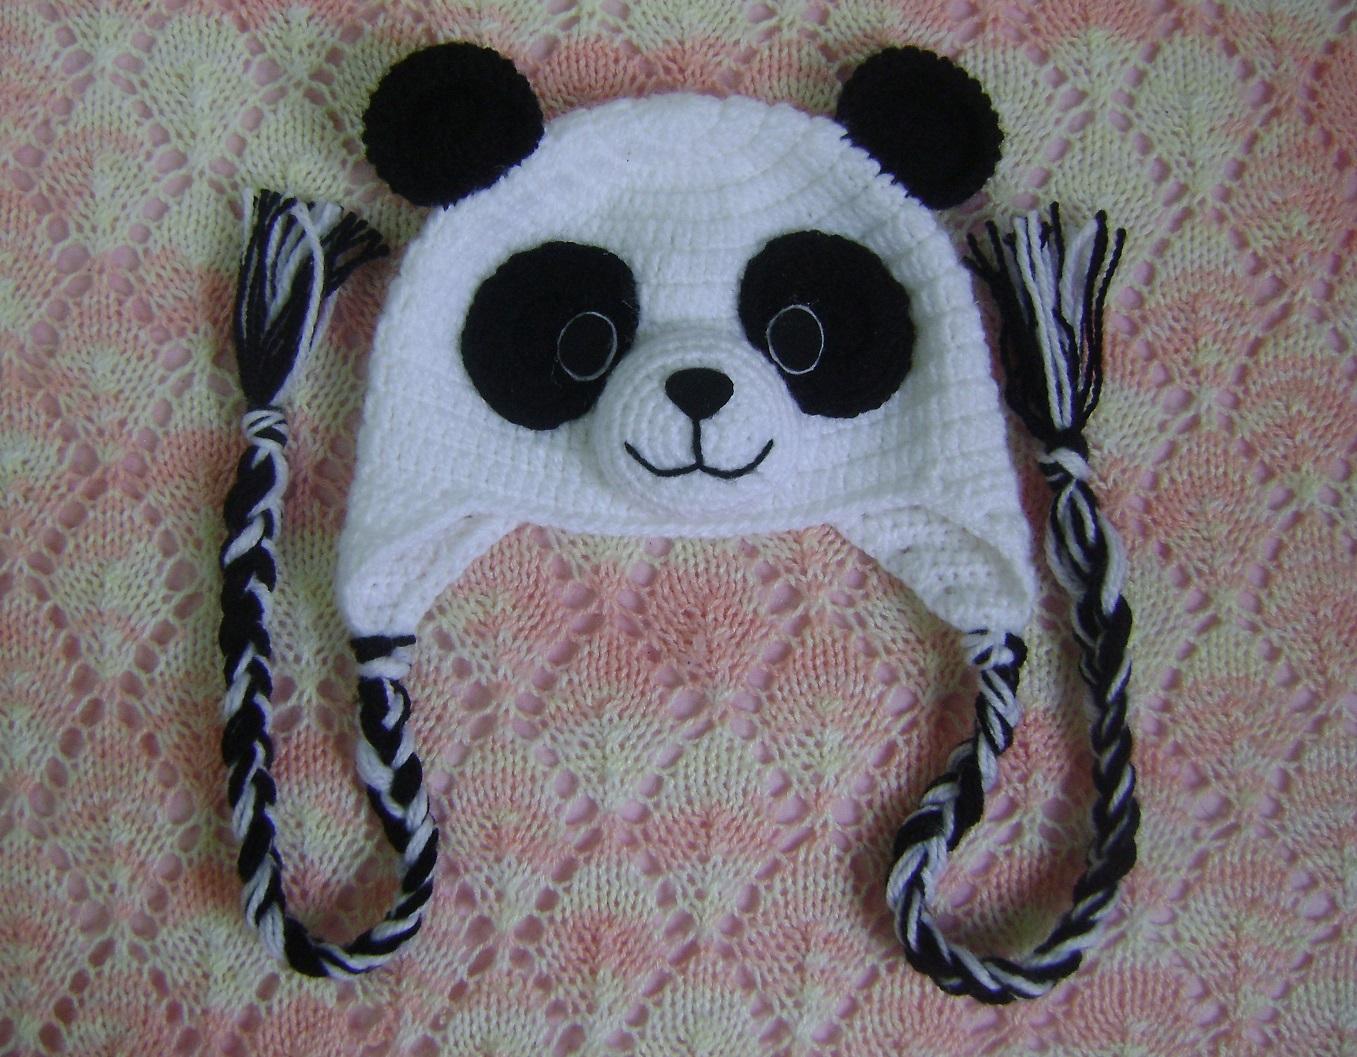 RN - Gorro Panda em Crochê Para Bebê no Elo7  d38118c5479